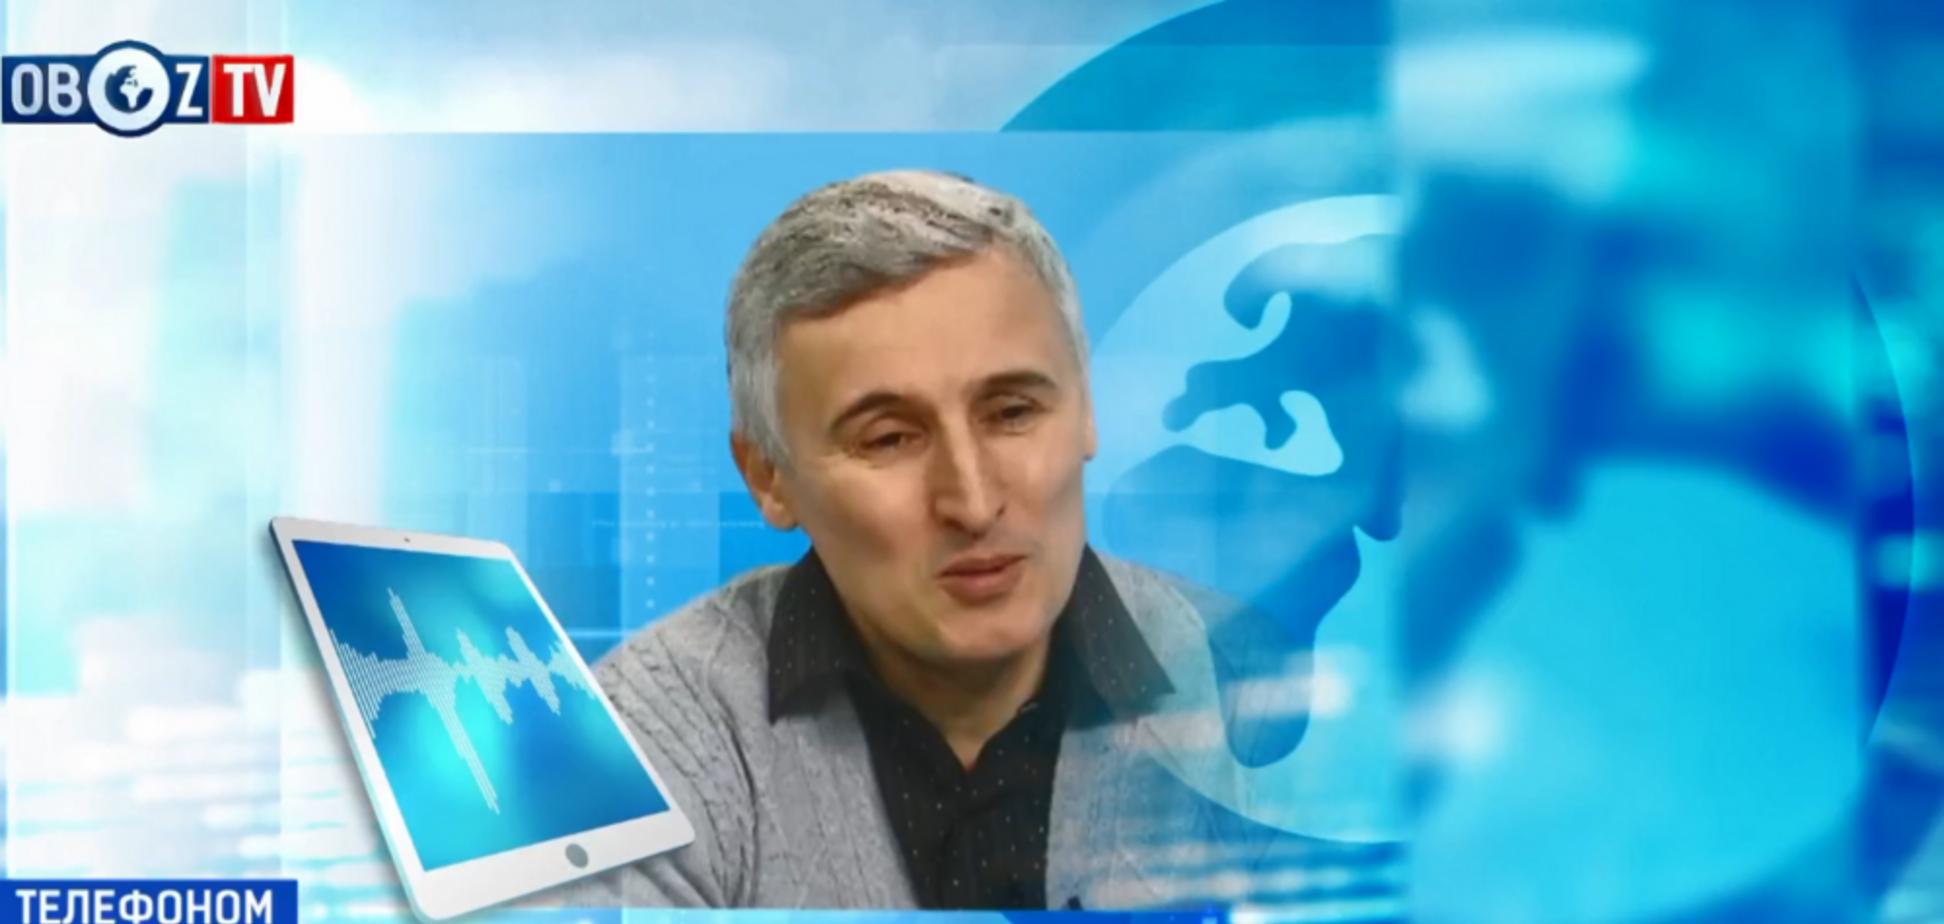 Морозы и ледяной ветер: синоптик дал прогноз погоды на выходные в Украине